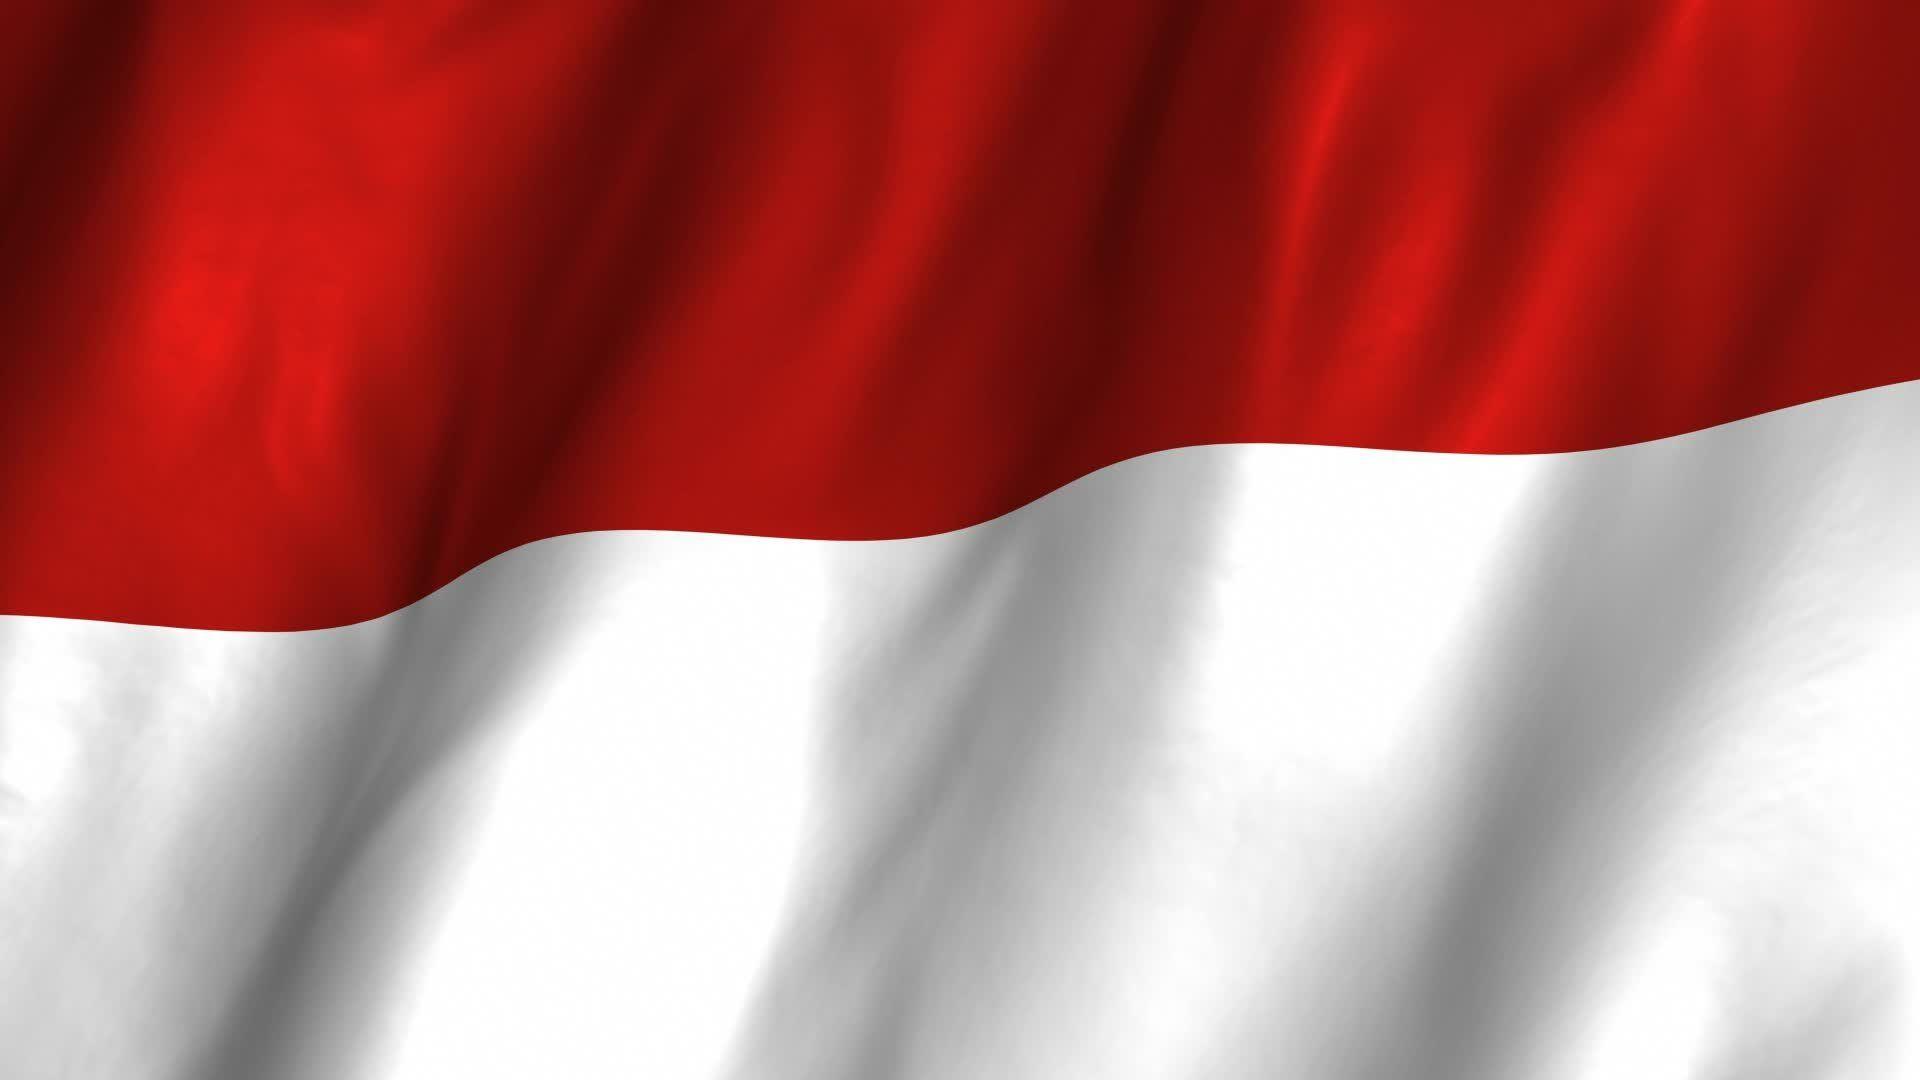 Wallpaper Merah Putih Bendera Indonesia